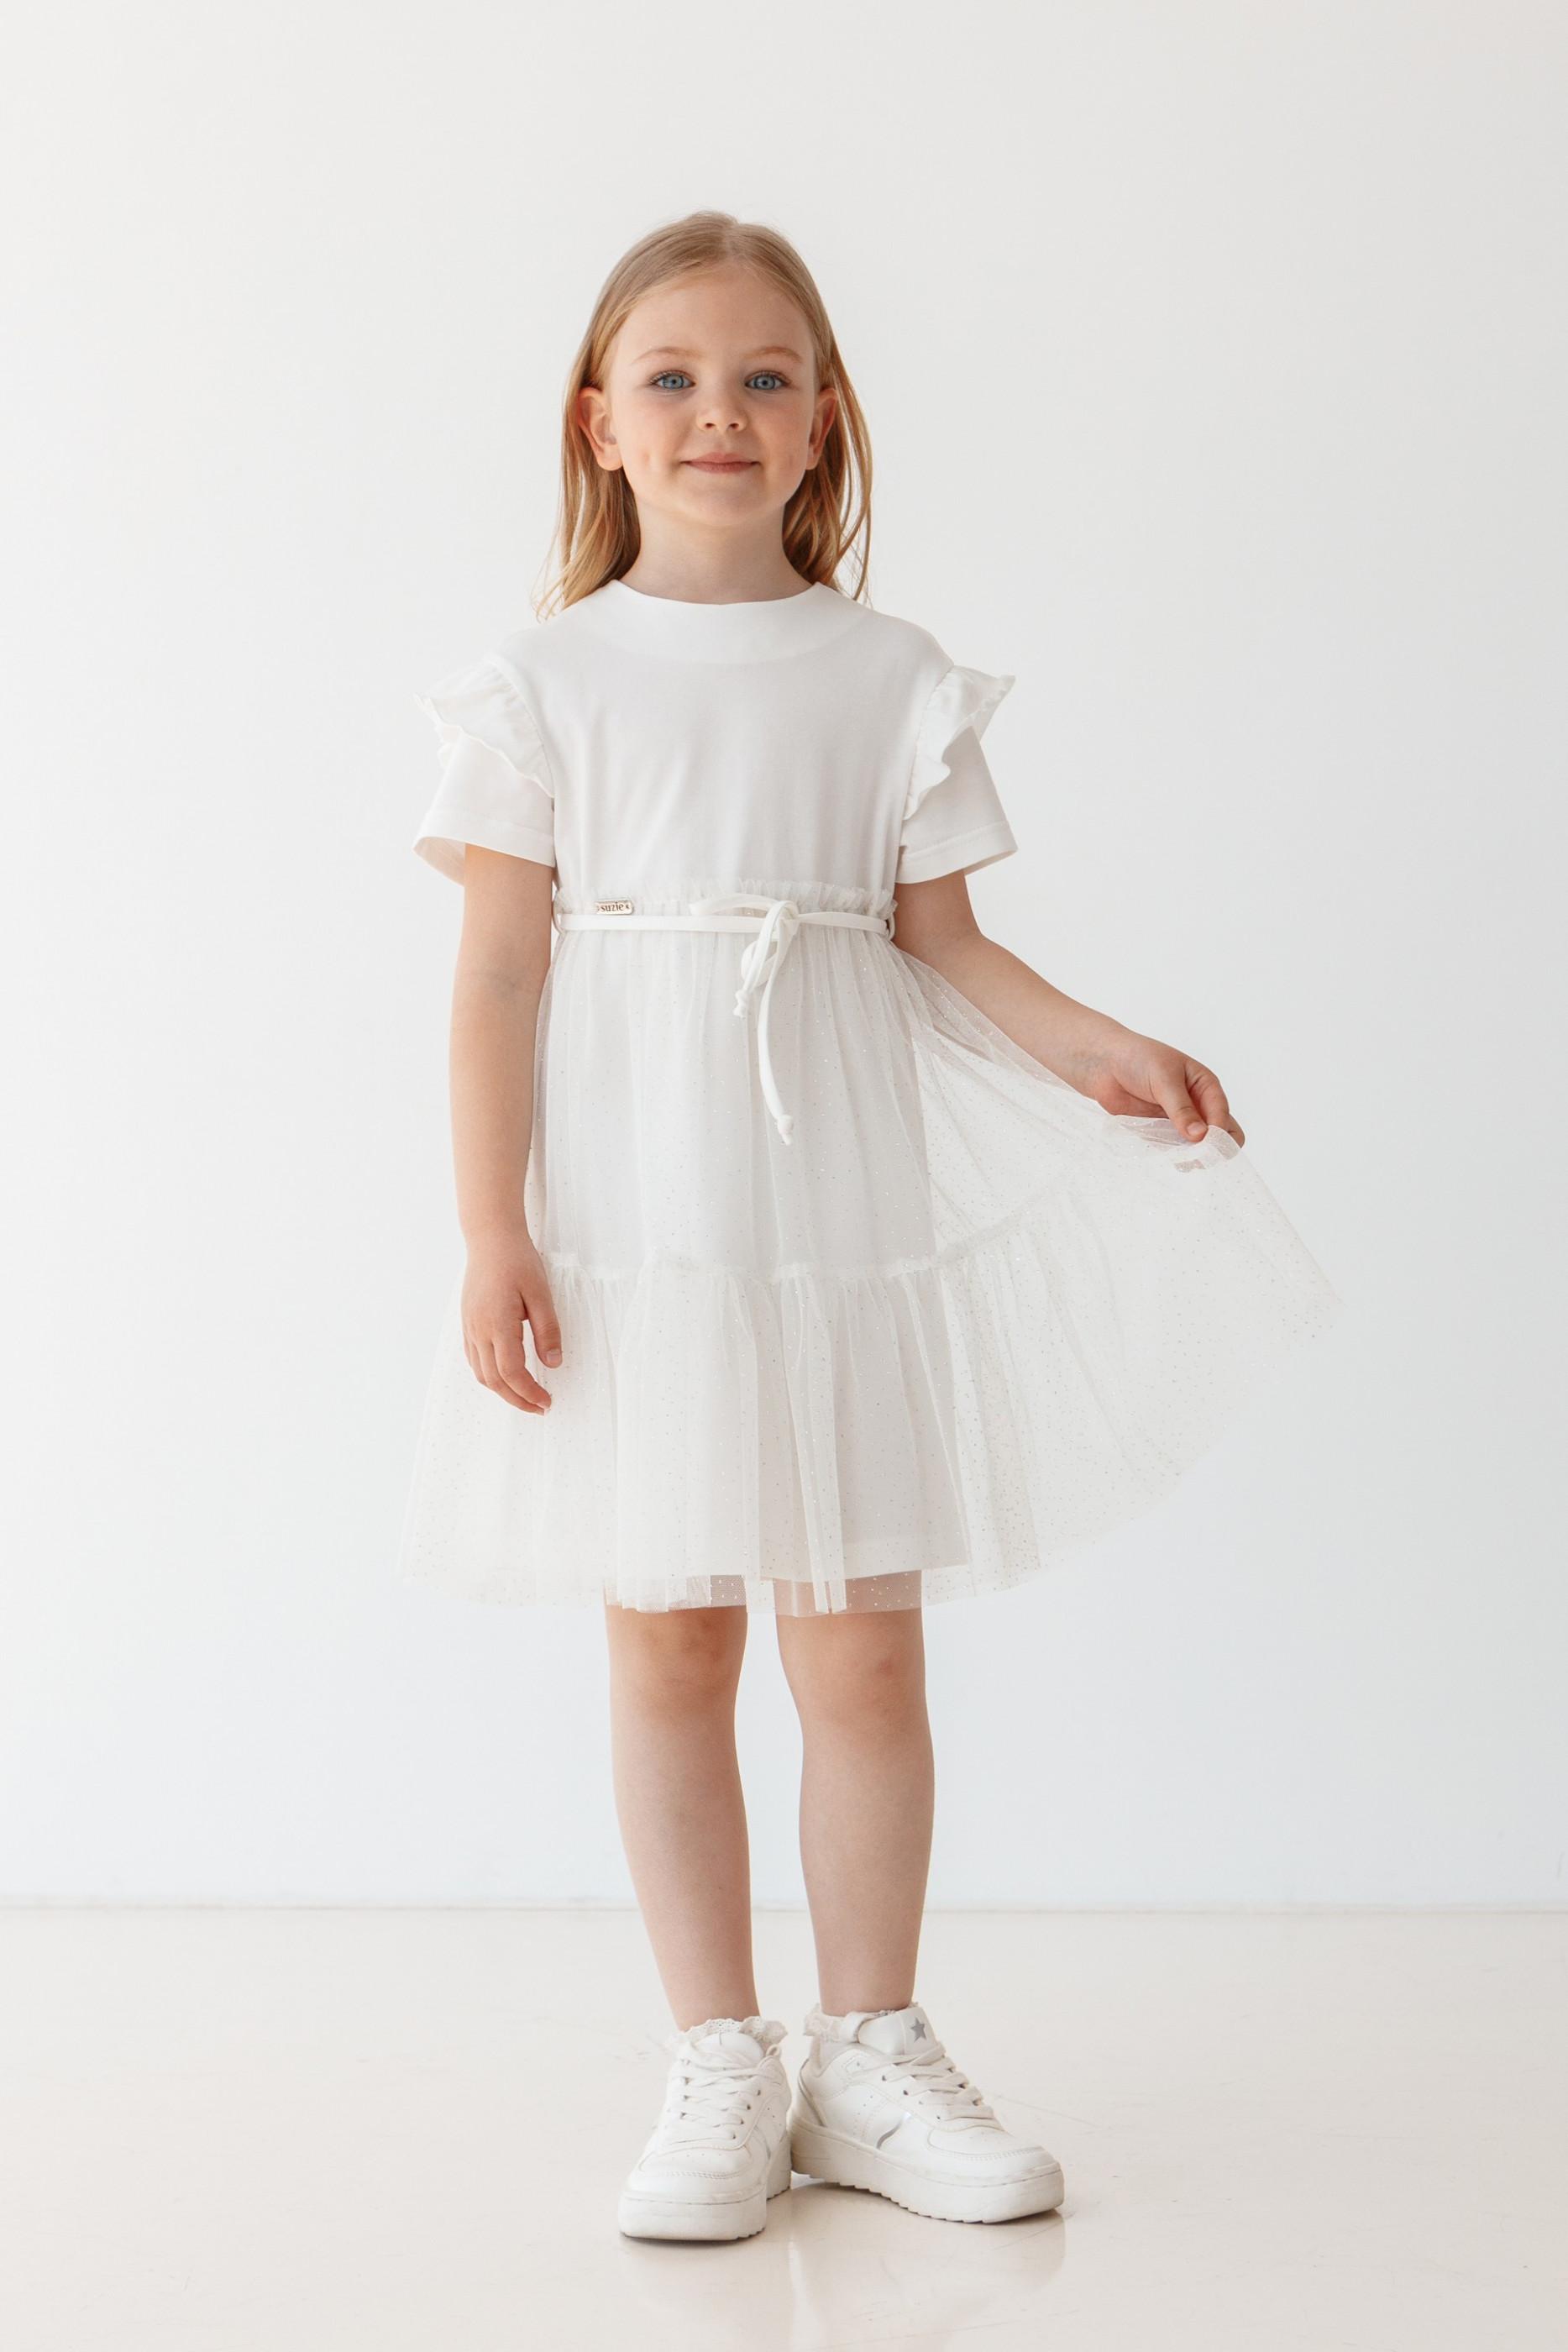 Плаття Лія, фото №1